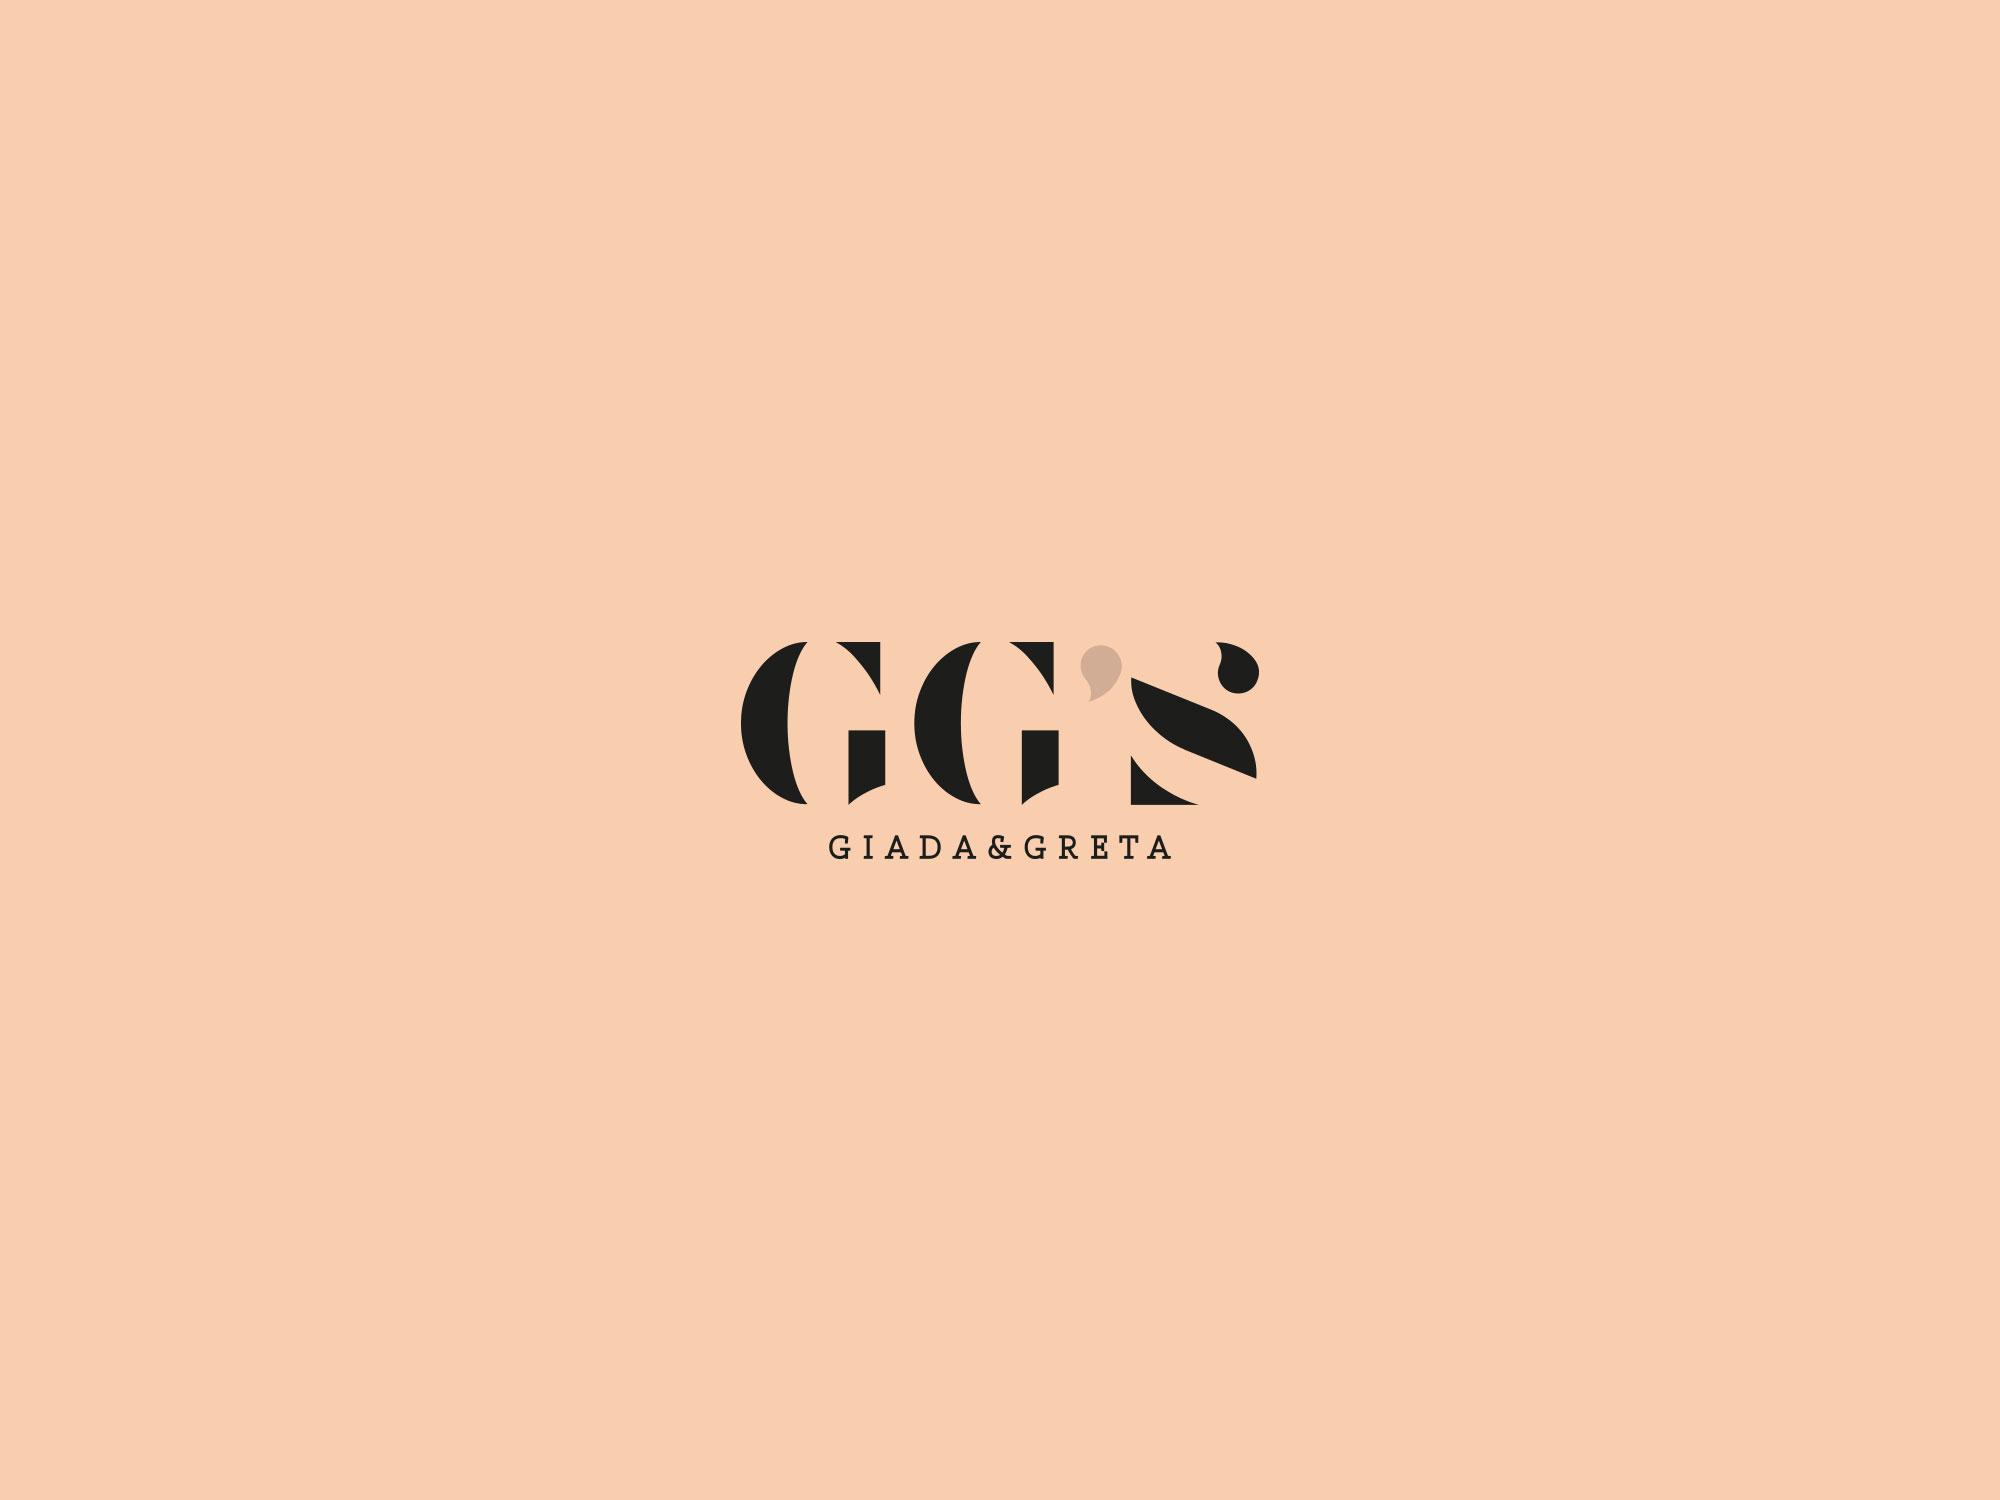 ggs_3